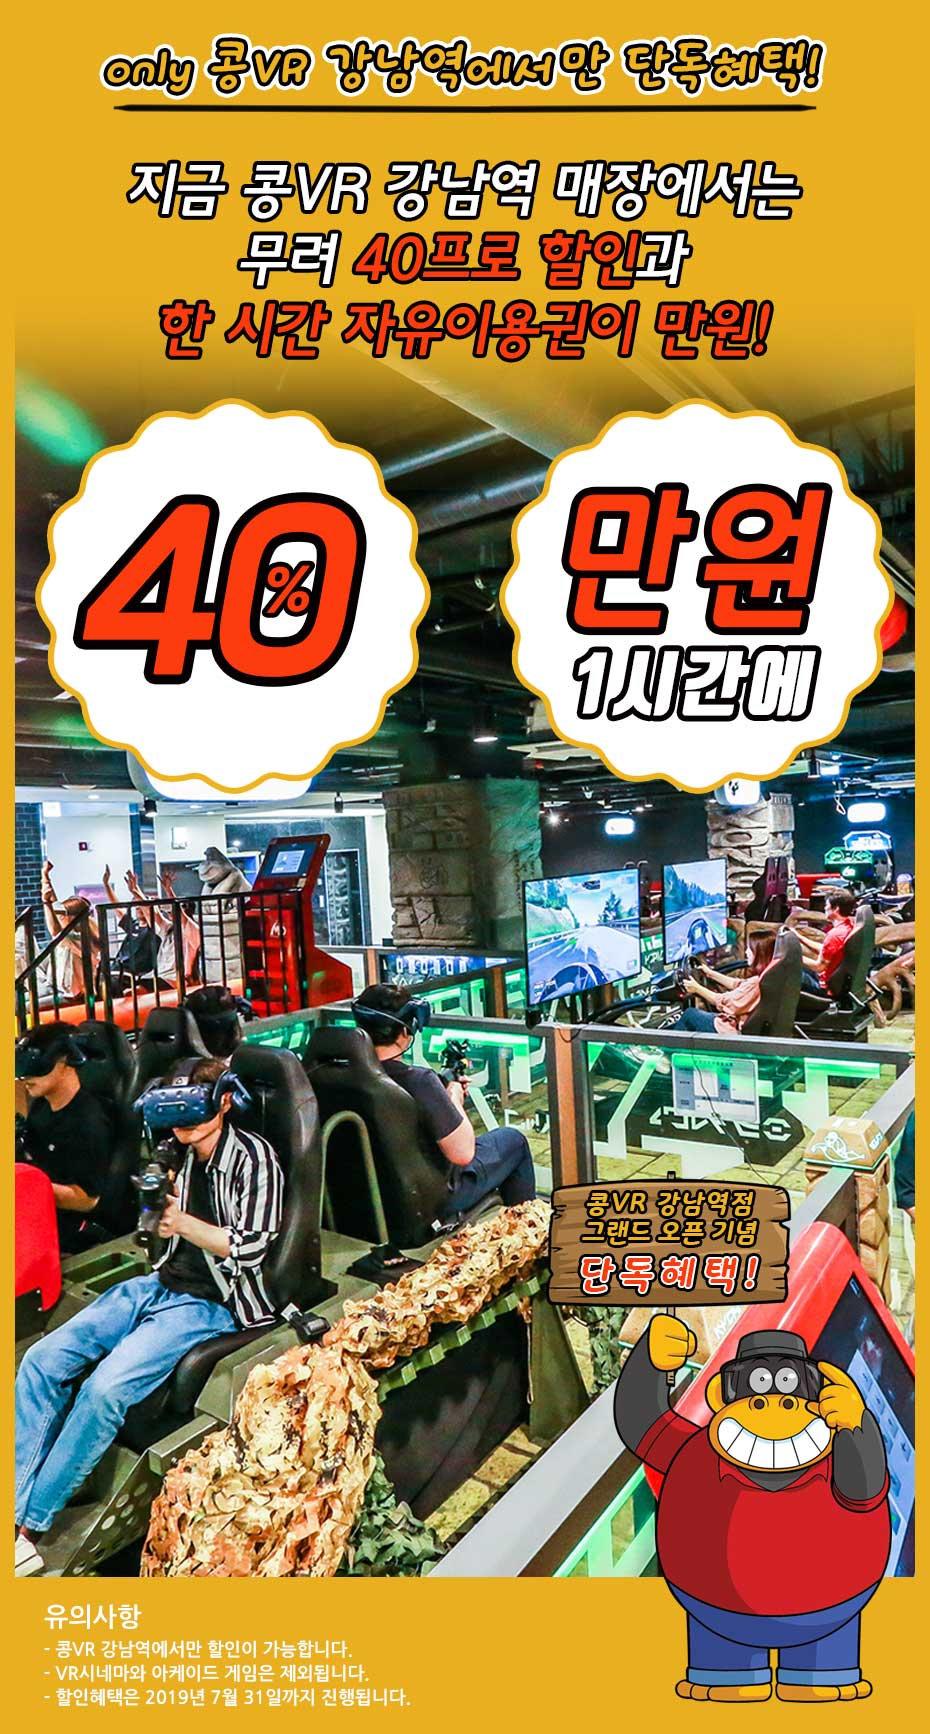 할인이벤트_콩VR강남역점_상세.jpg